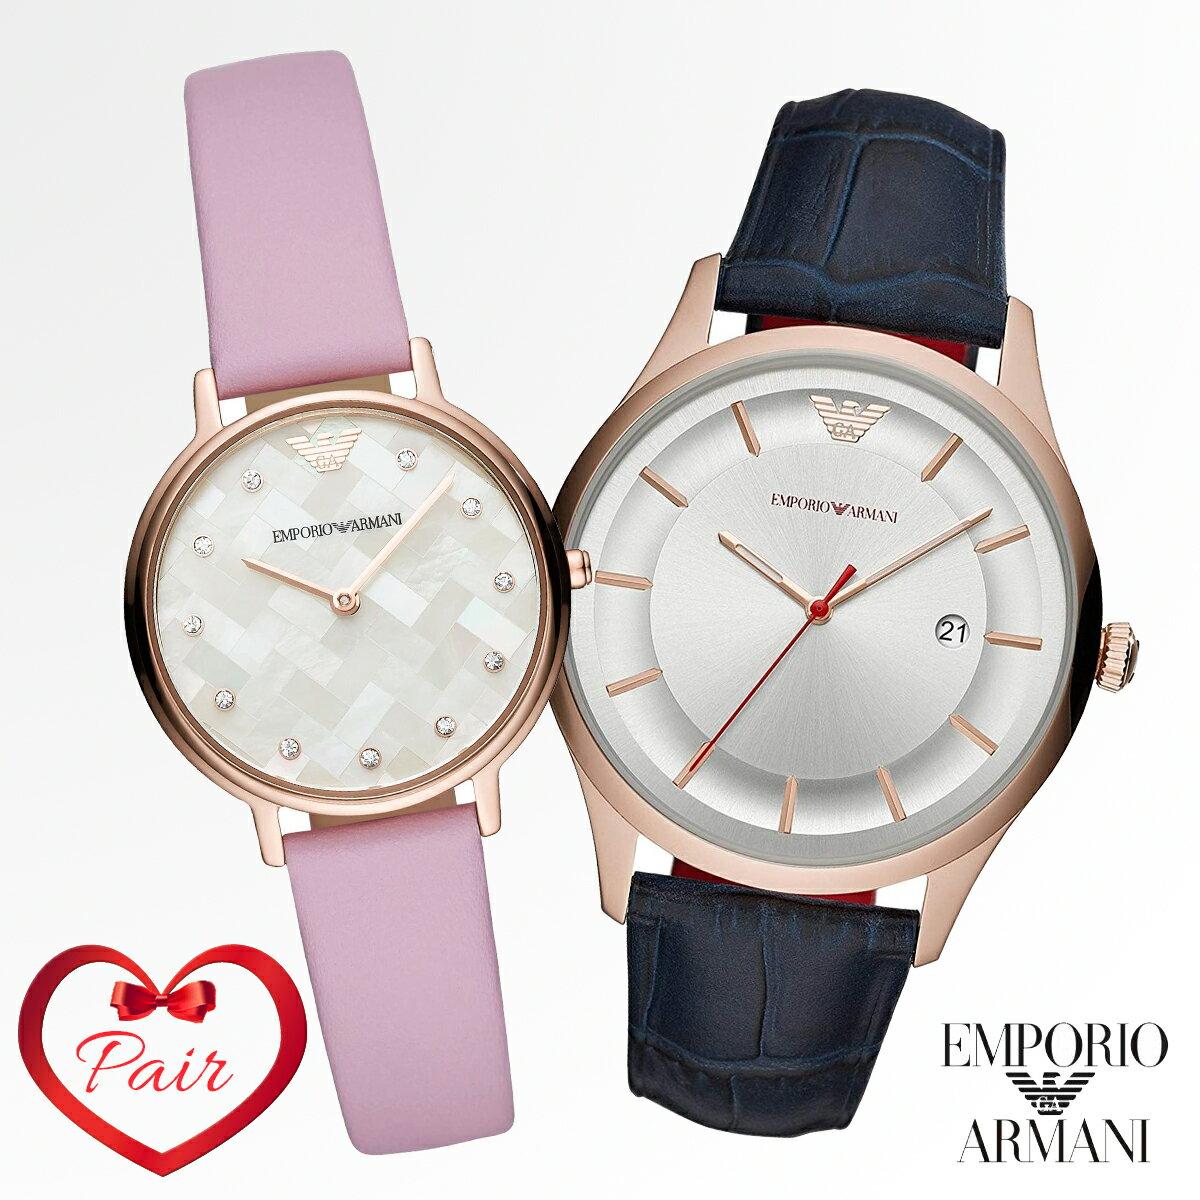 エンポリオアルマーニ EMPORIO ARMANI ペアウォッチ メンズ レディース セット AR11131 AR11130 腕時計 クオーツ